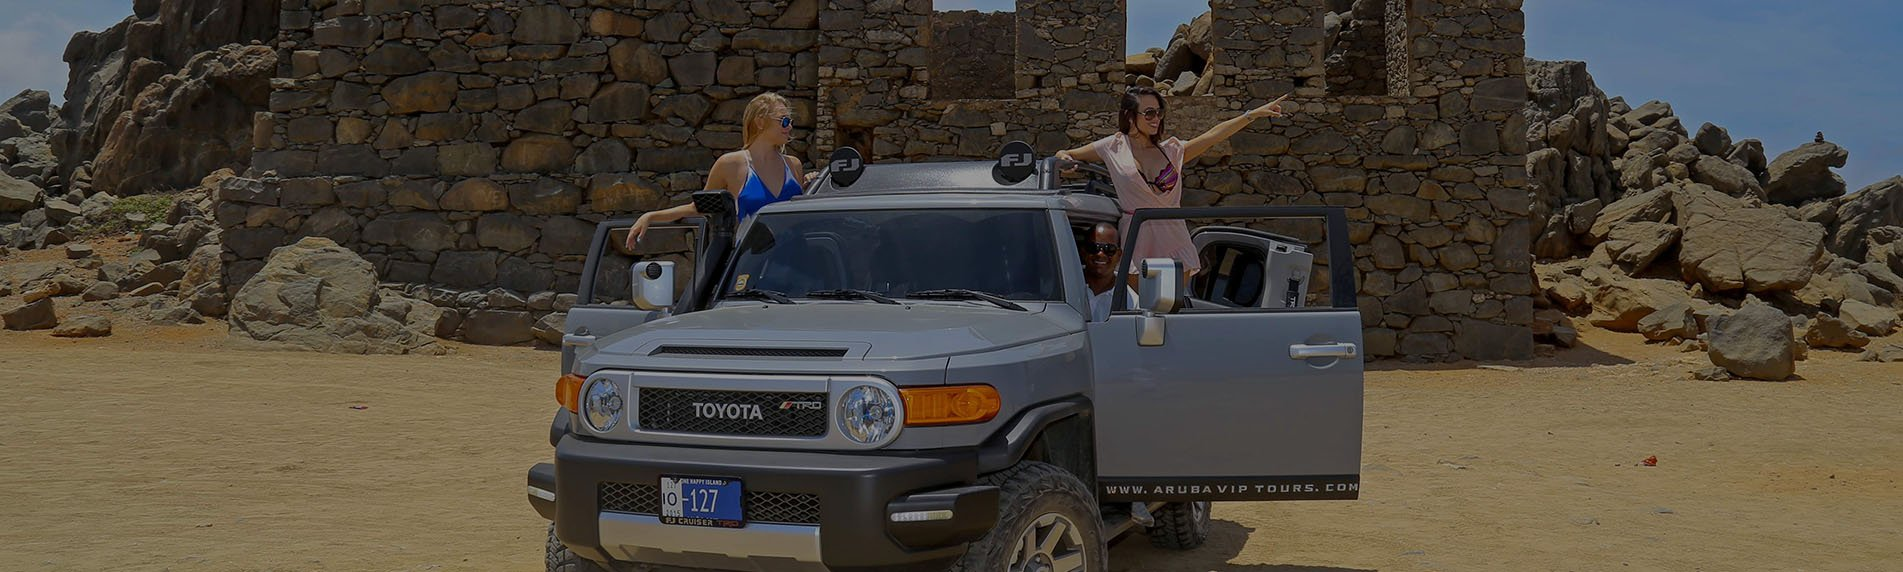 Aruba Private Jeep Tour - Four Hour